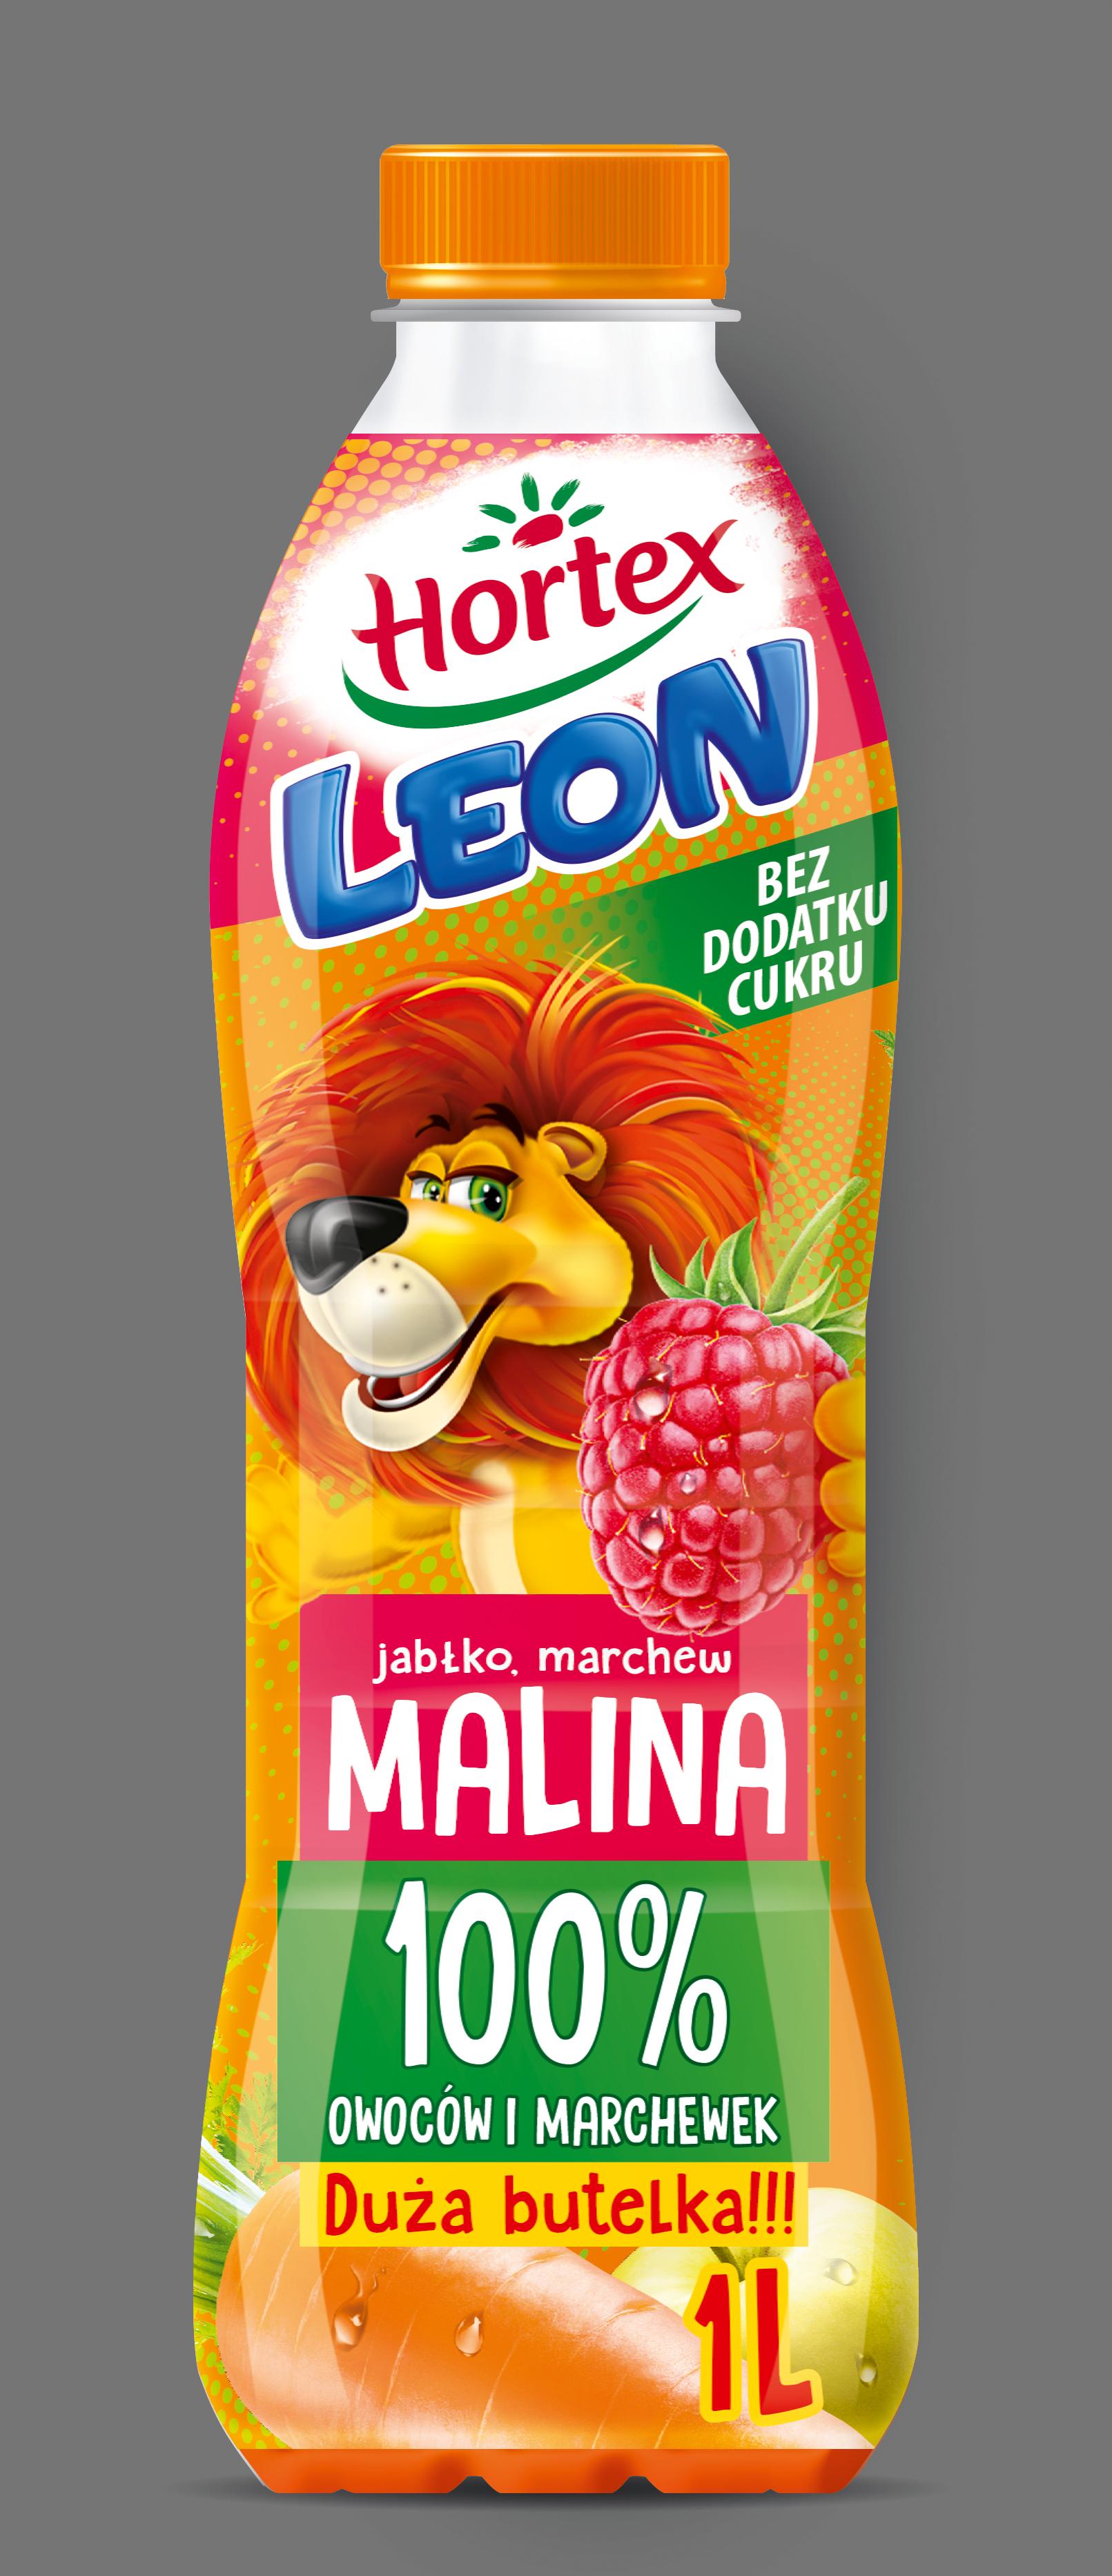 JABŁKO MARCHEW MALINA 1L